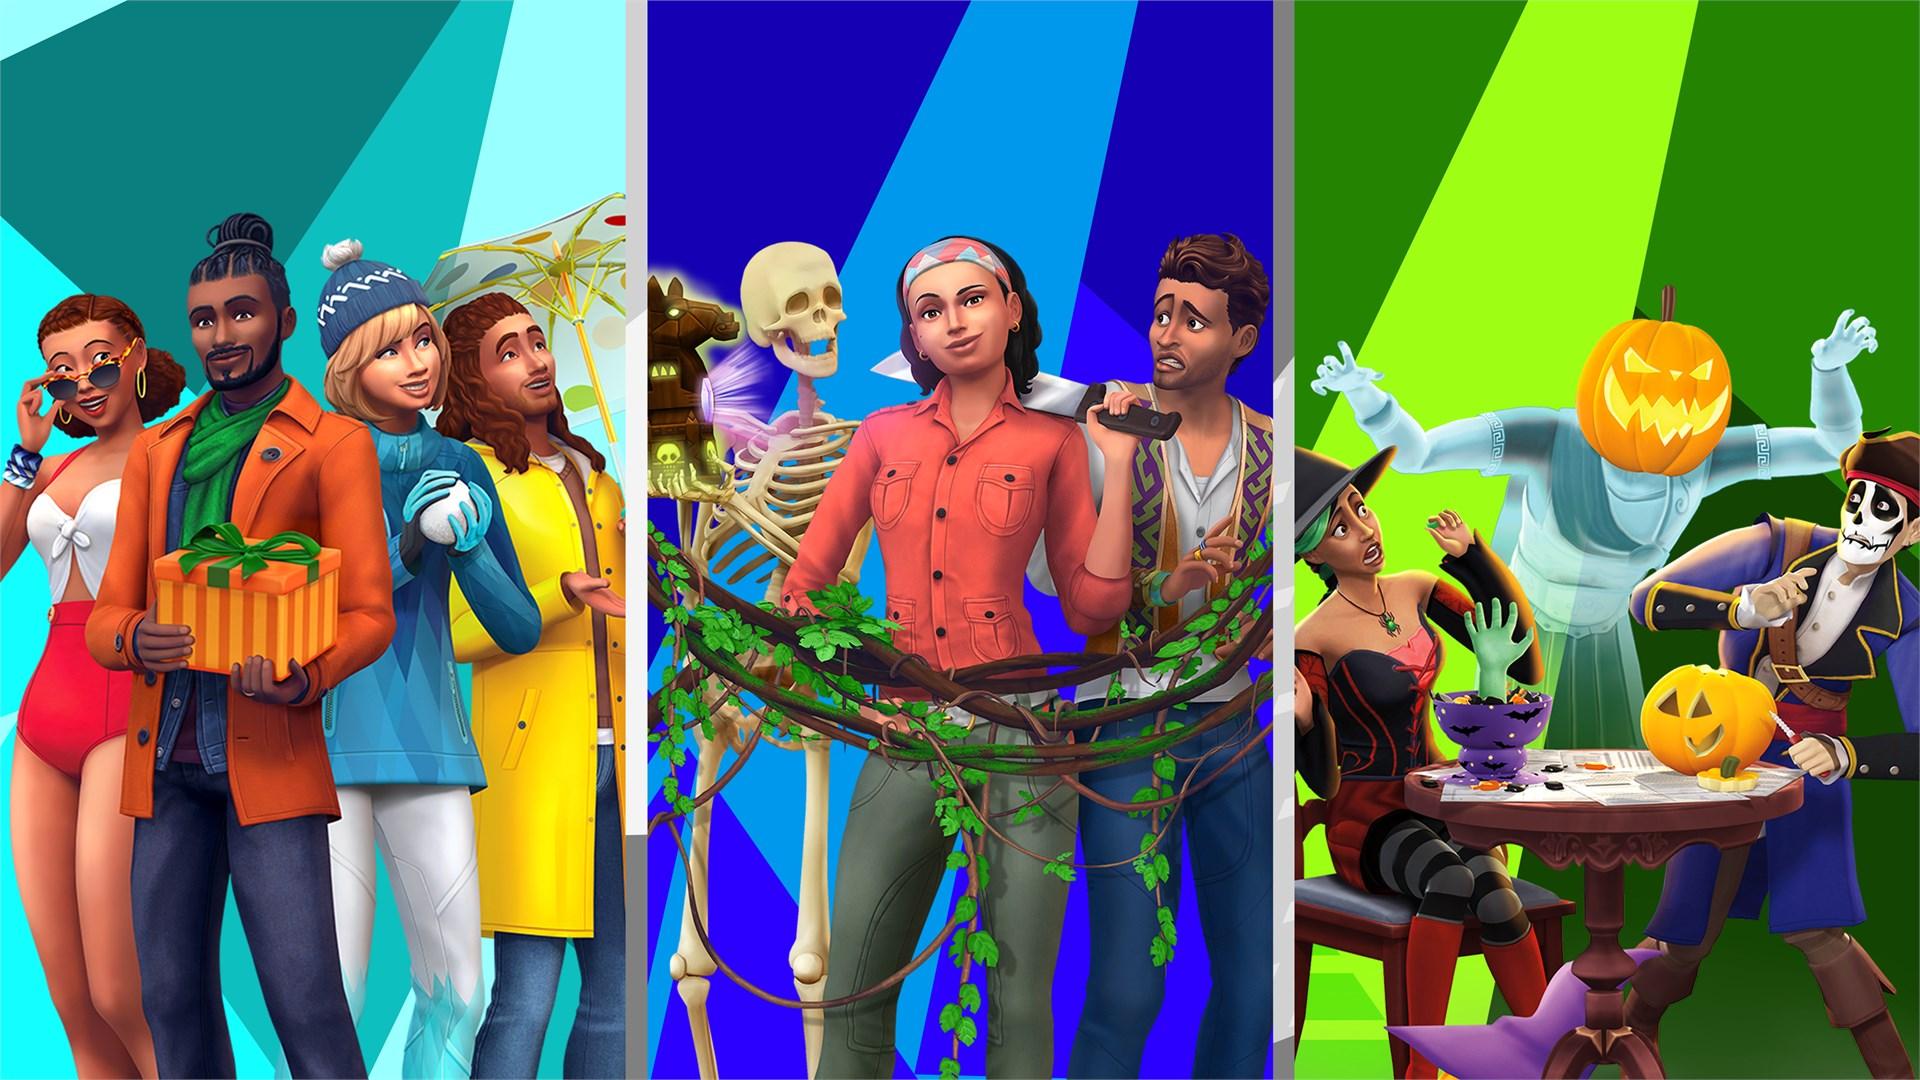 The Sims™ 4 Коллекция — Времена года, Приключения в джунглях, Жуткие вещи — Каталог